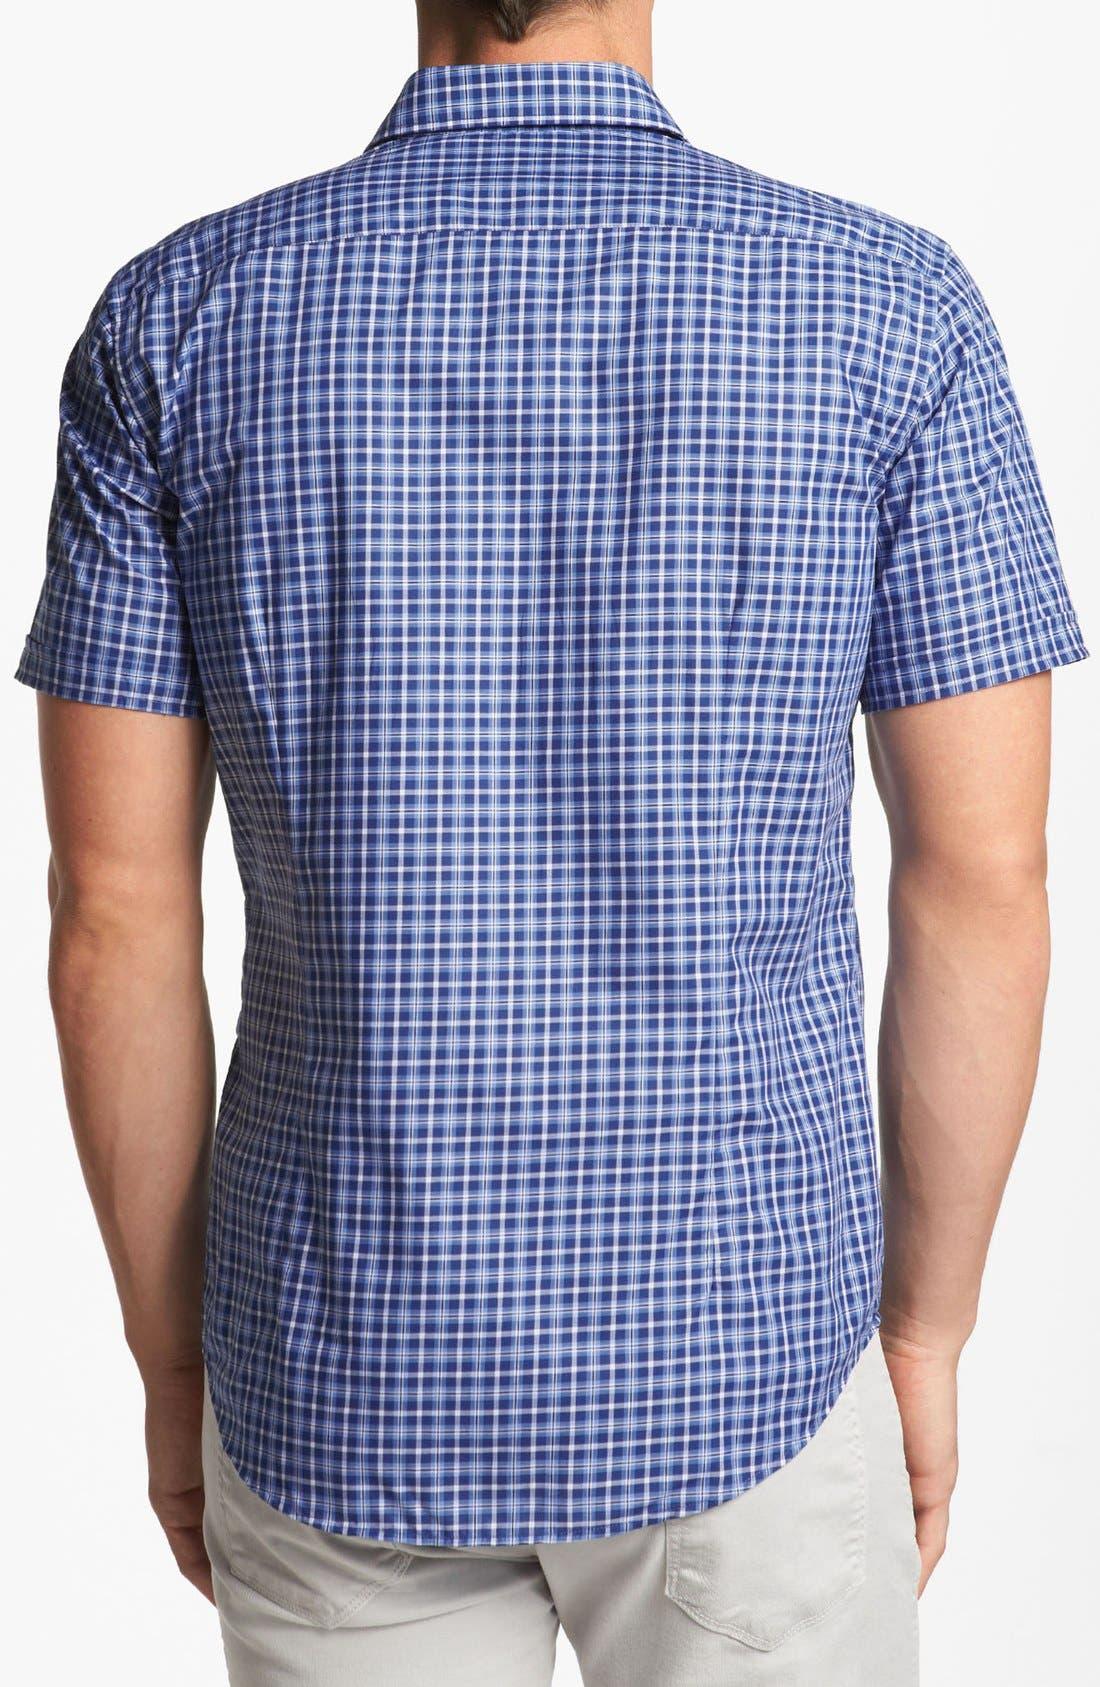 Alternate Image 2  - BOSS HUGO BOSS 'Marc' Slim Fit Sport Shirt